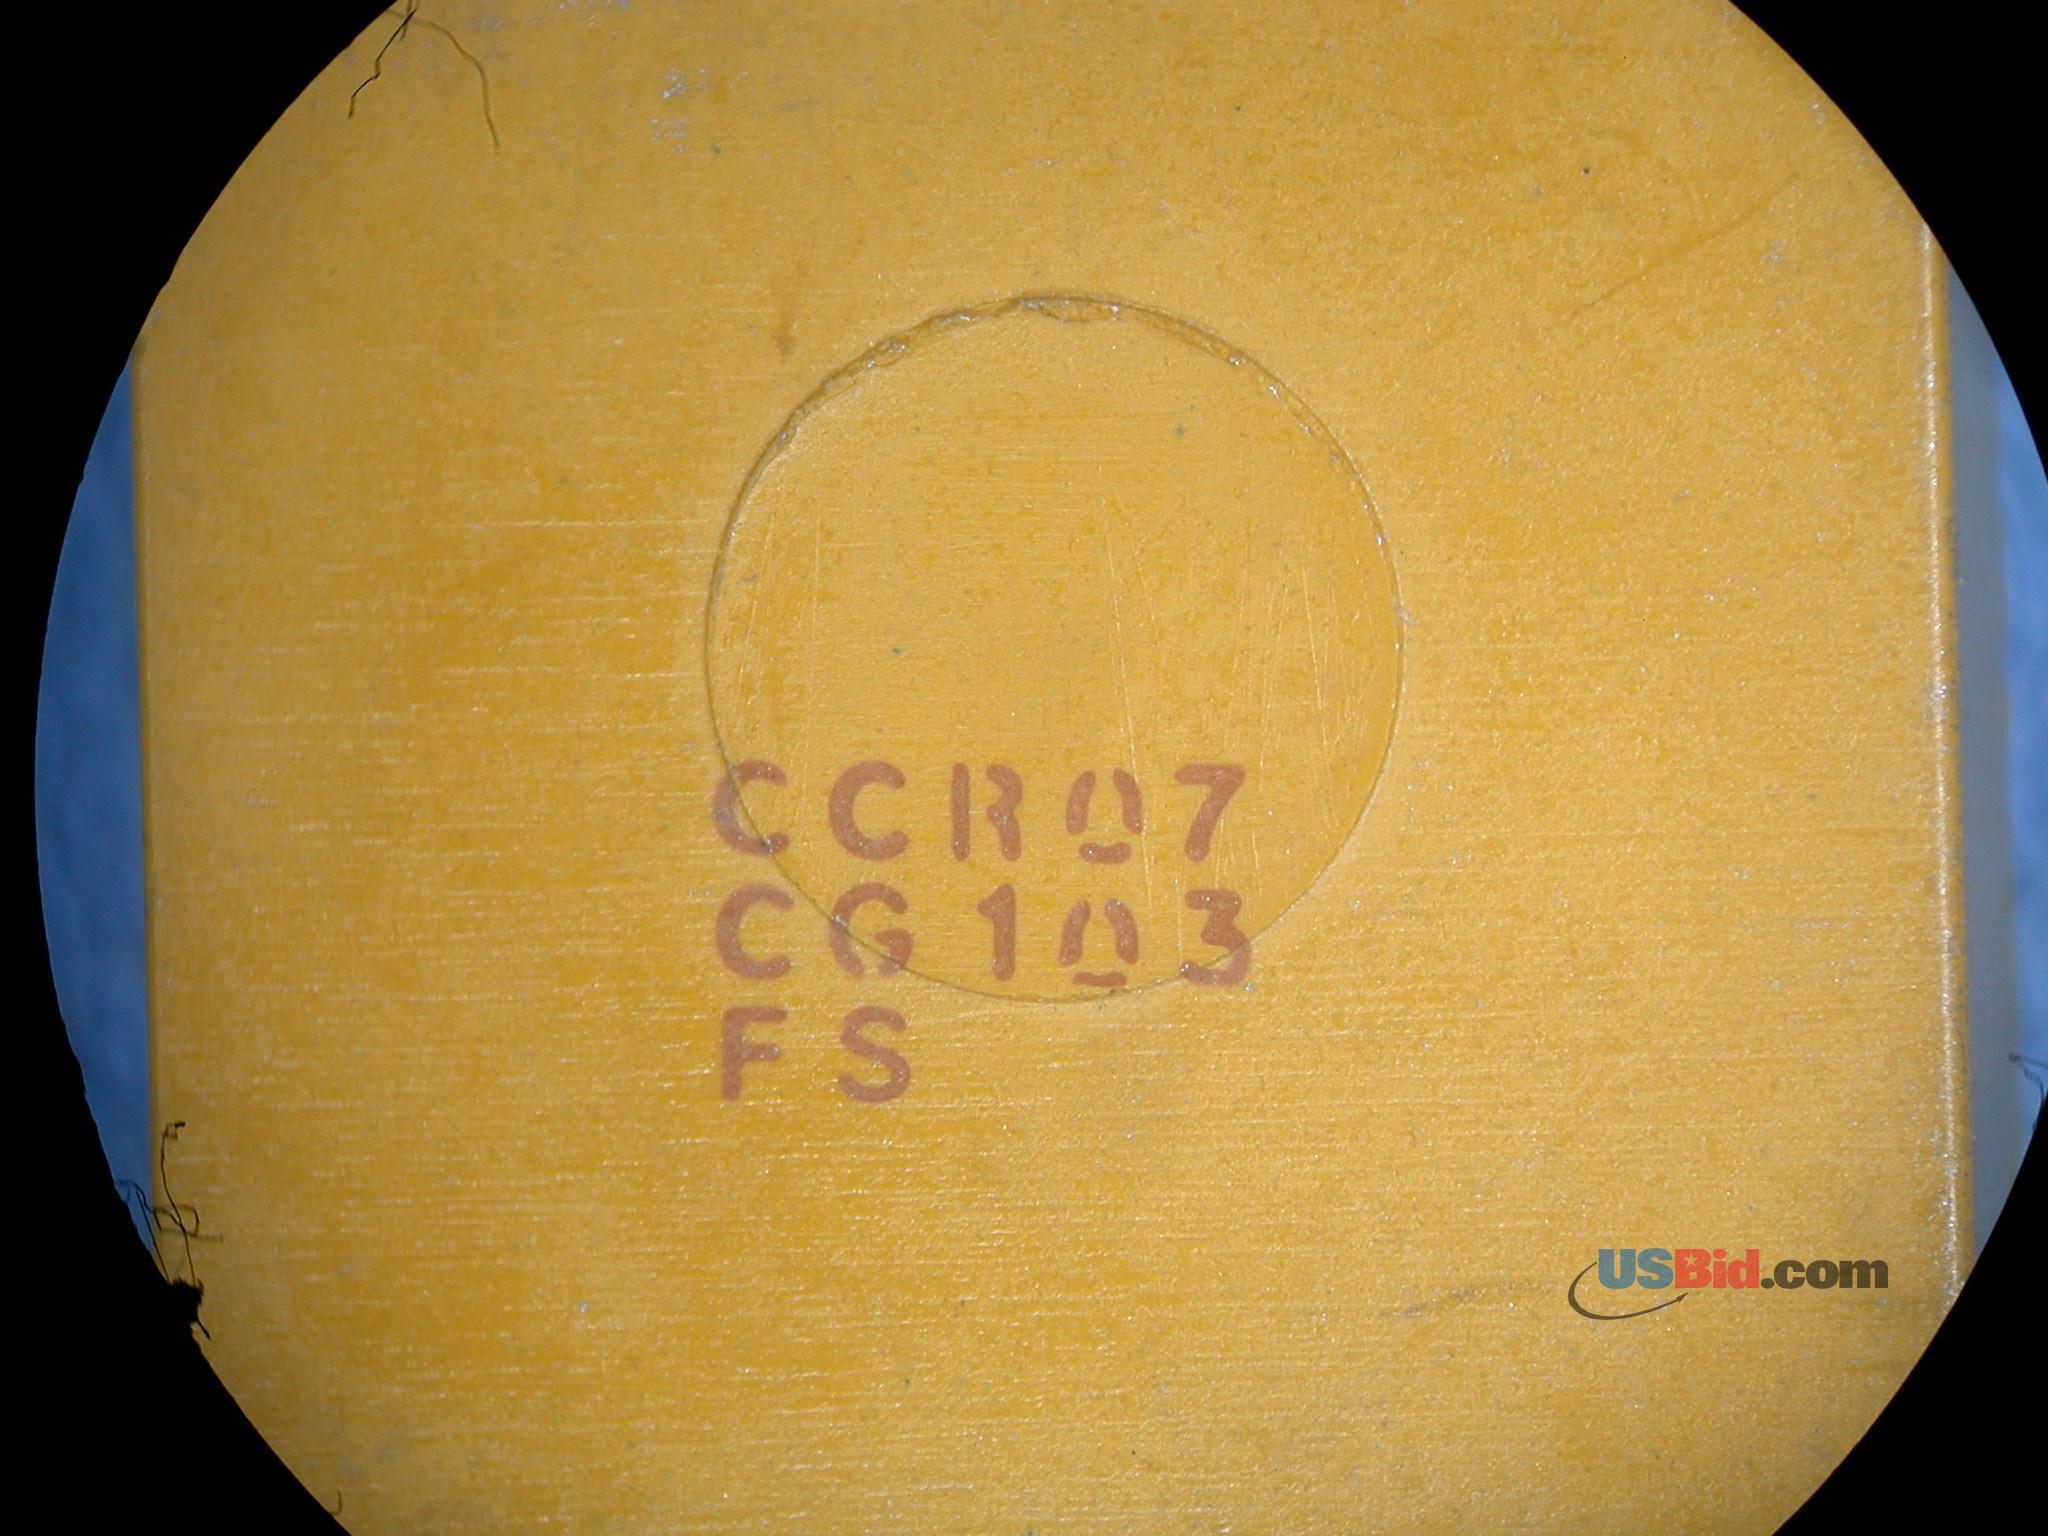 CCR07CG103FS photos